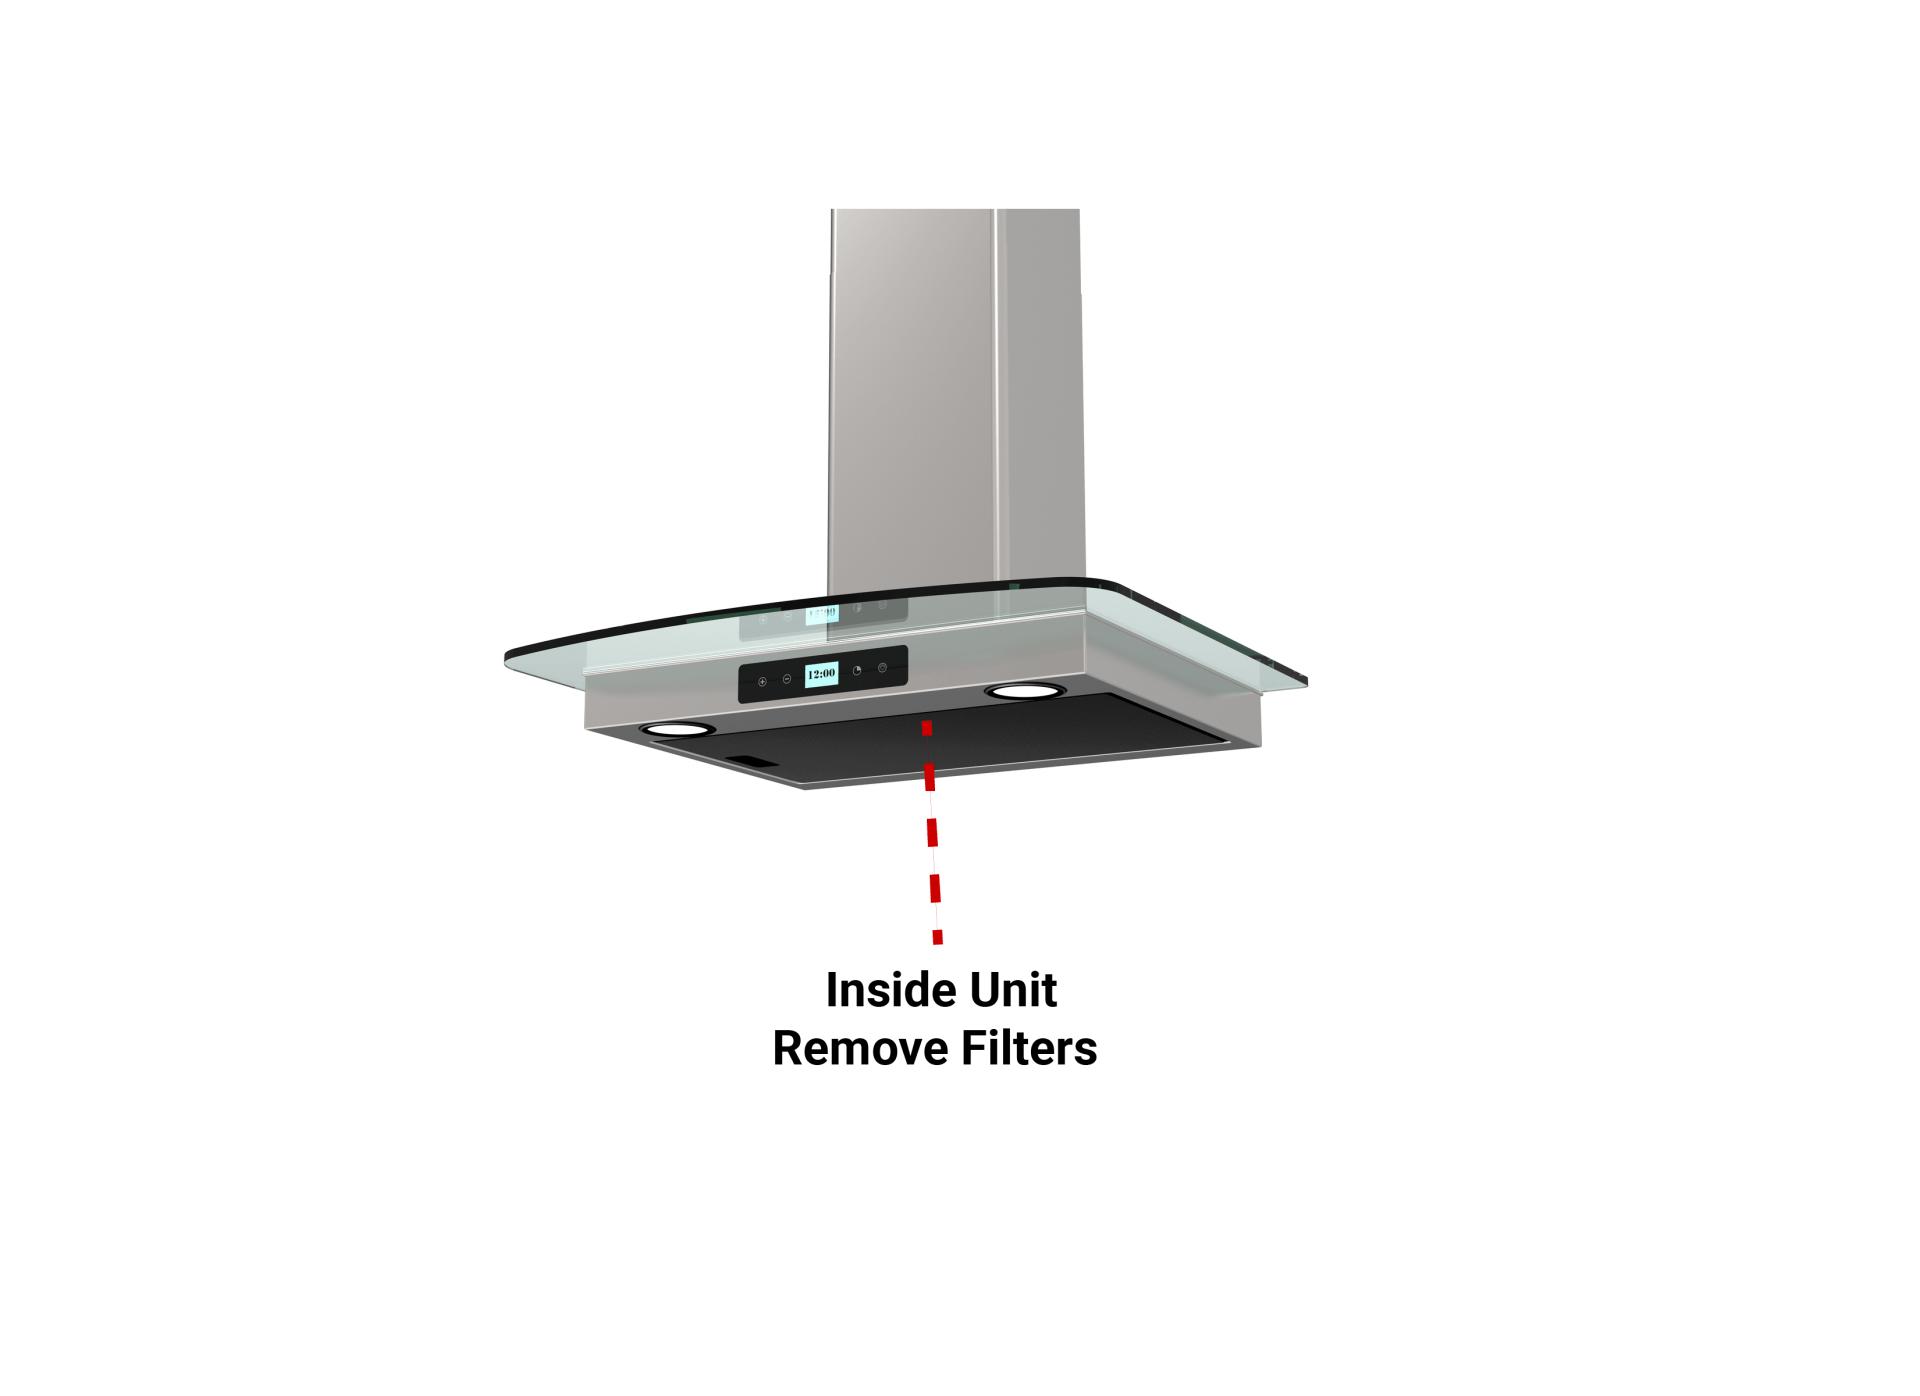 Oven Repair Cooktop Repairs Fix Range Microwave Repair